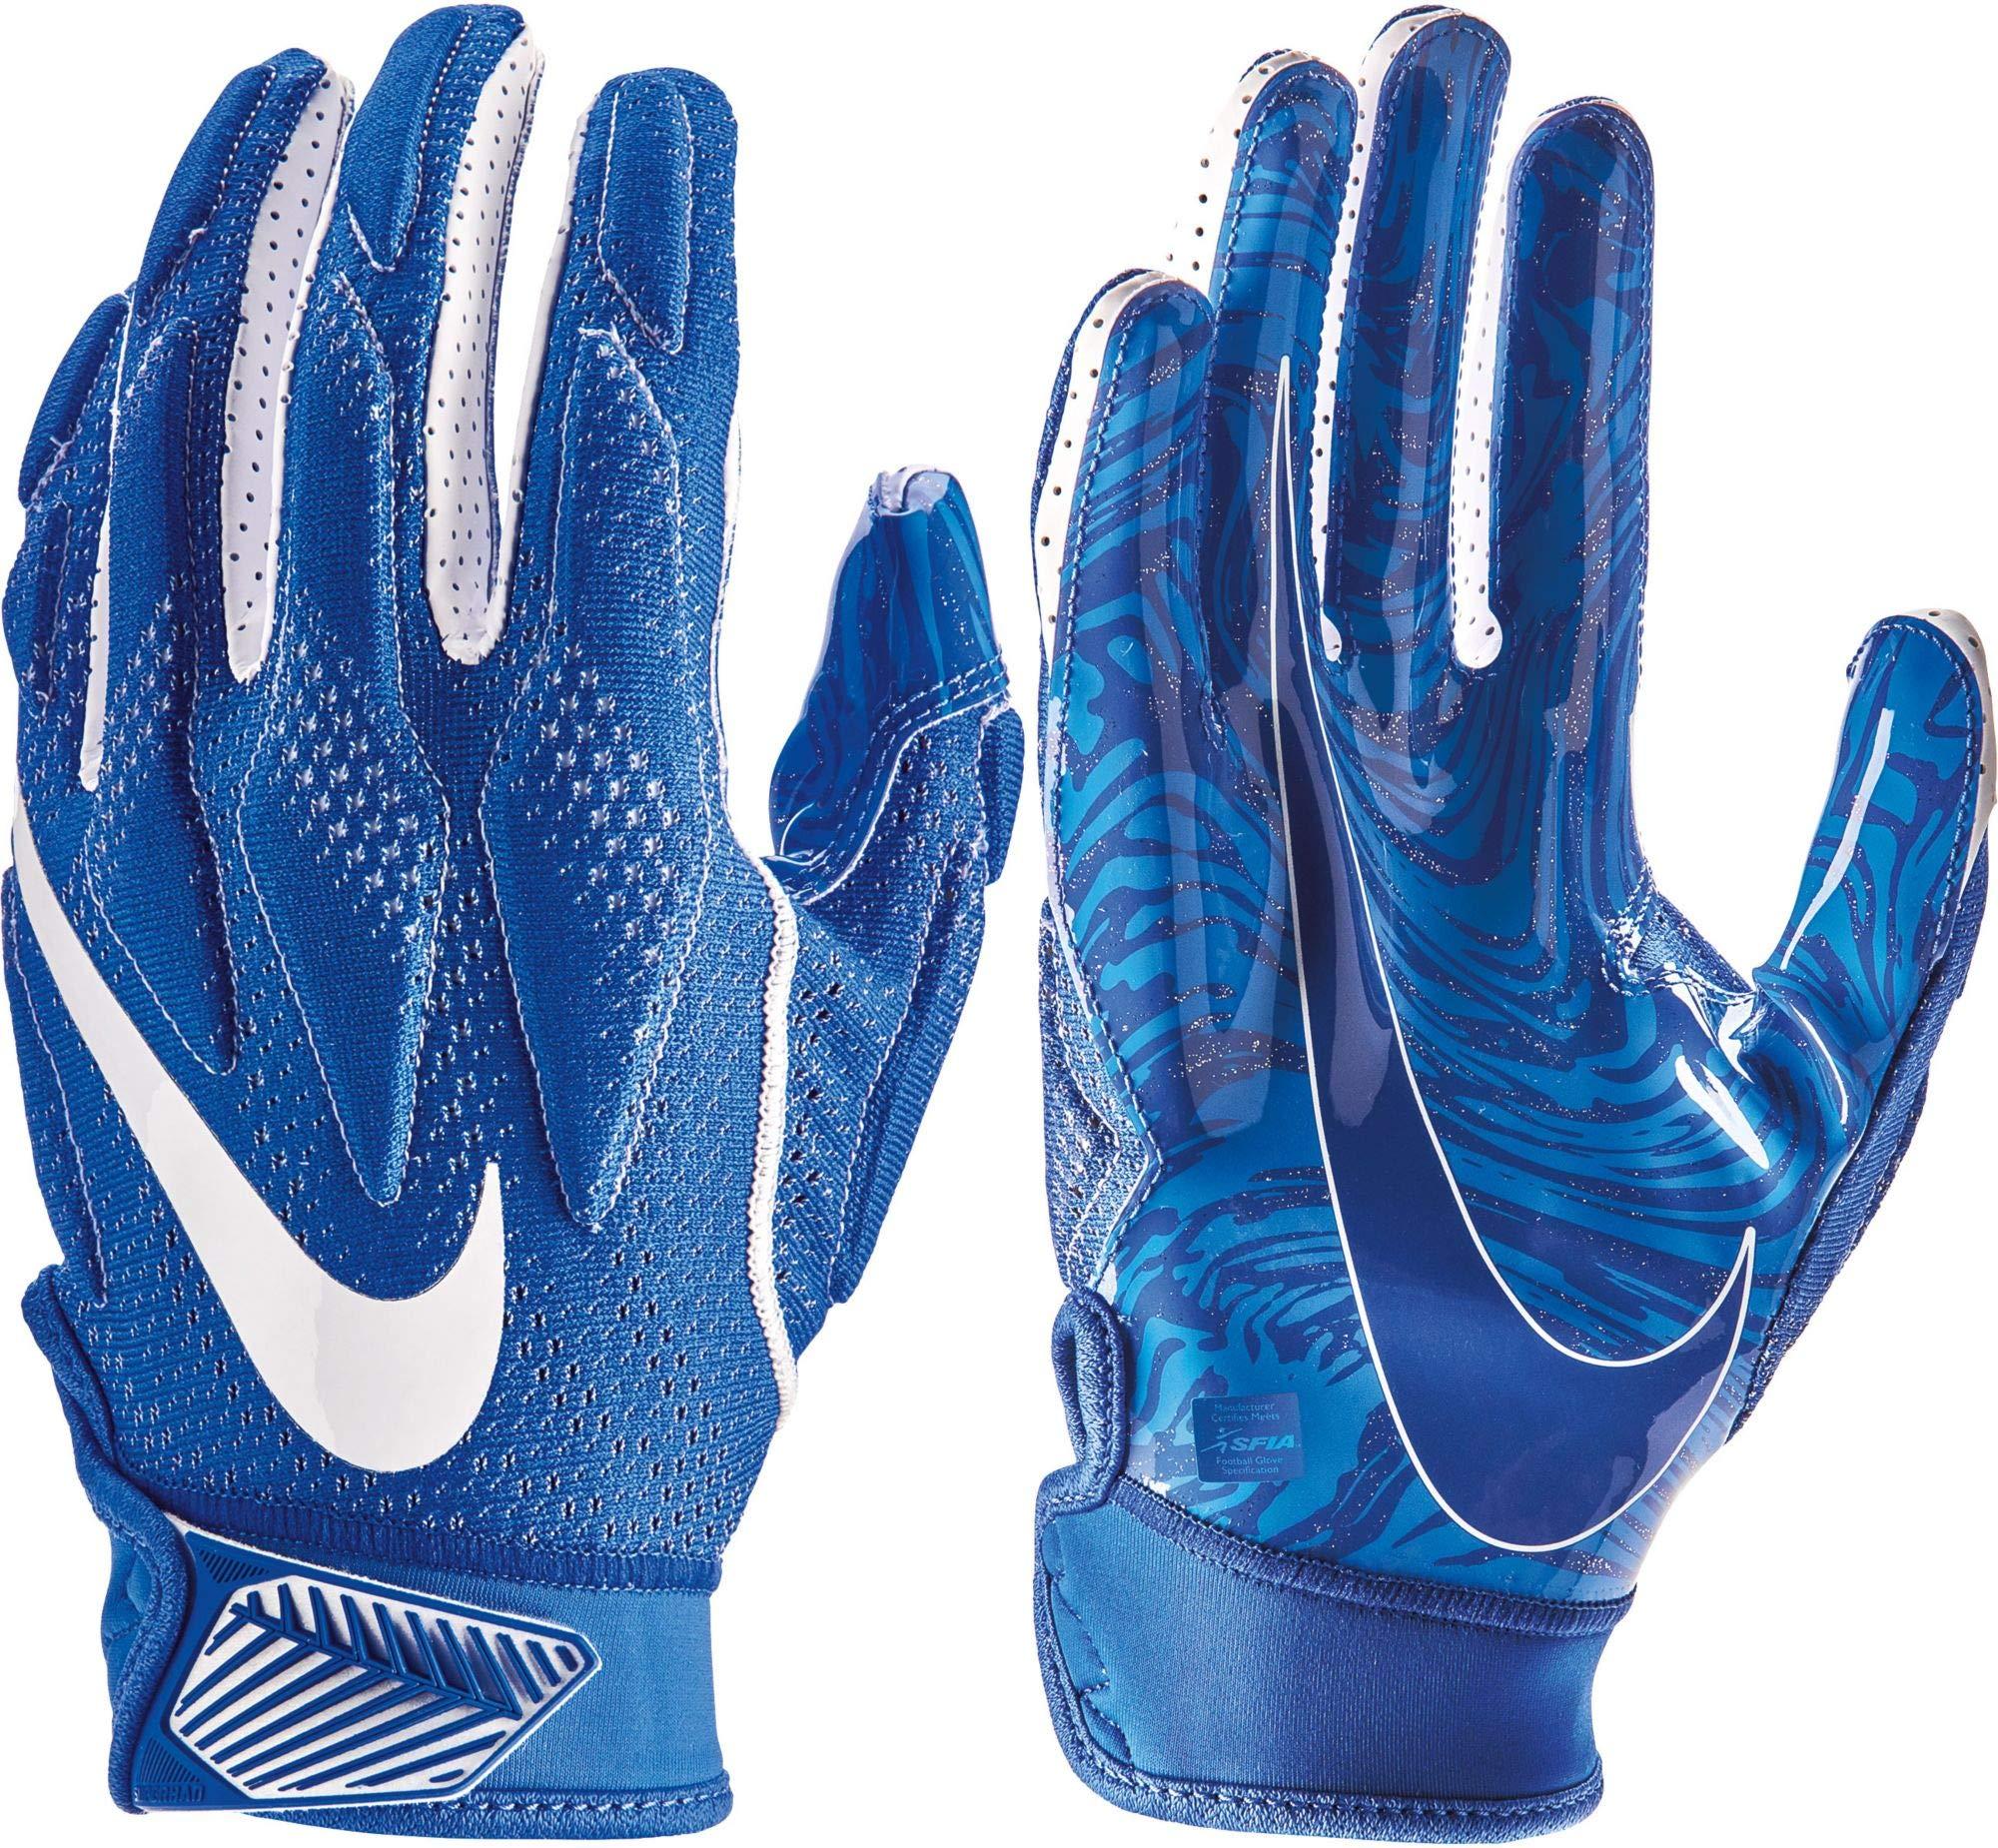 NIKE Men's Super Bad 4.5 Football Gloves (Royal, Medium)